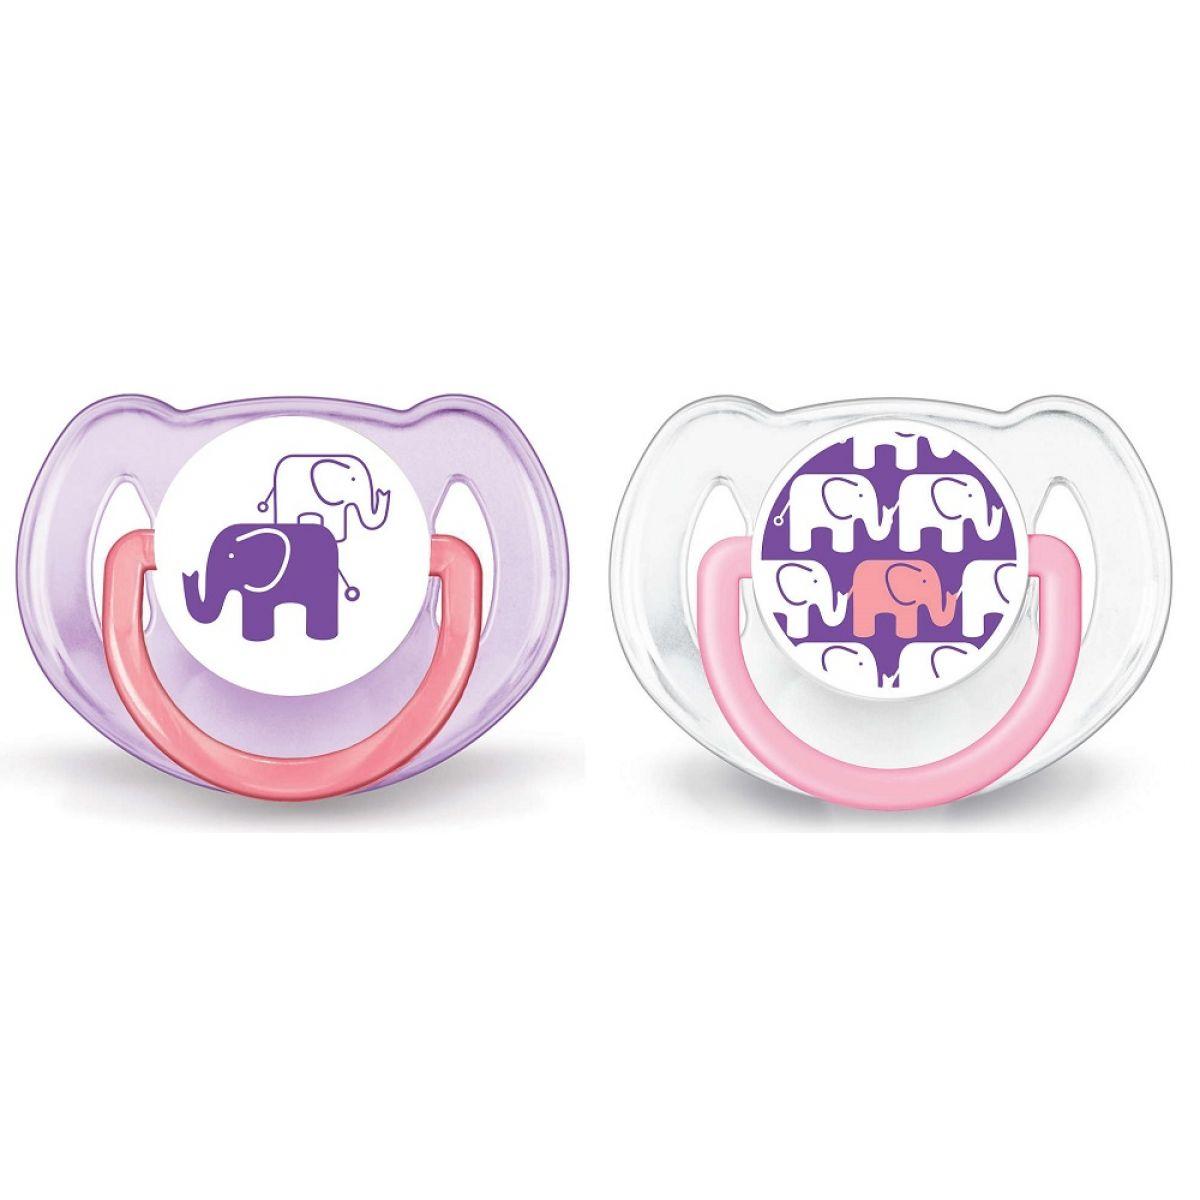 Philips Avent Šidítko Obrázek slon 6 - 18m 2ks - Pro děvčata